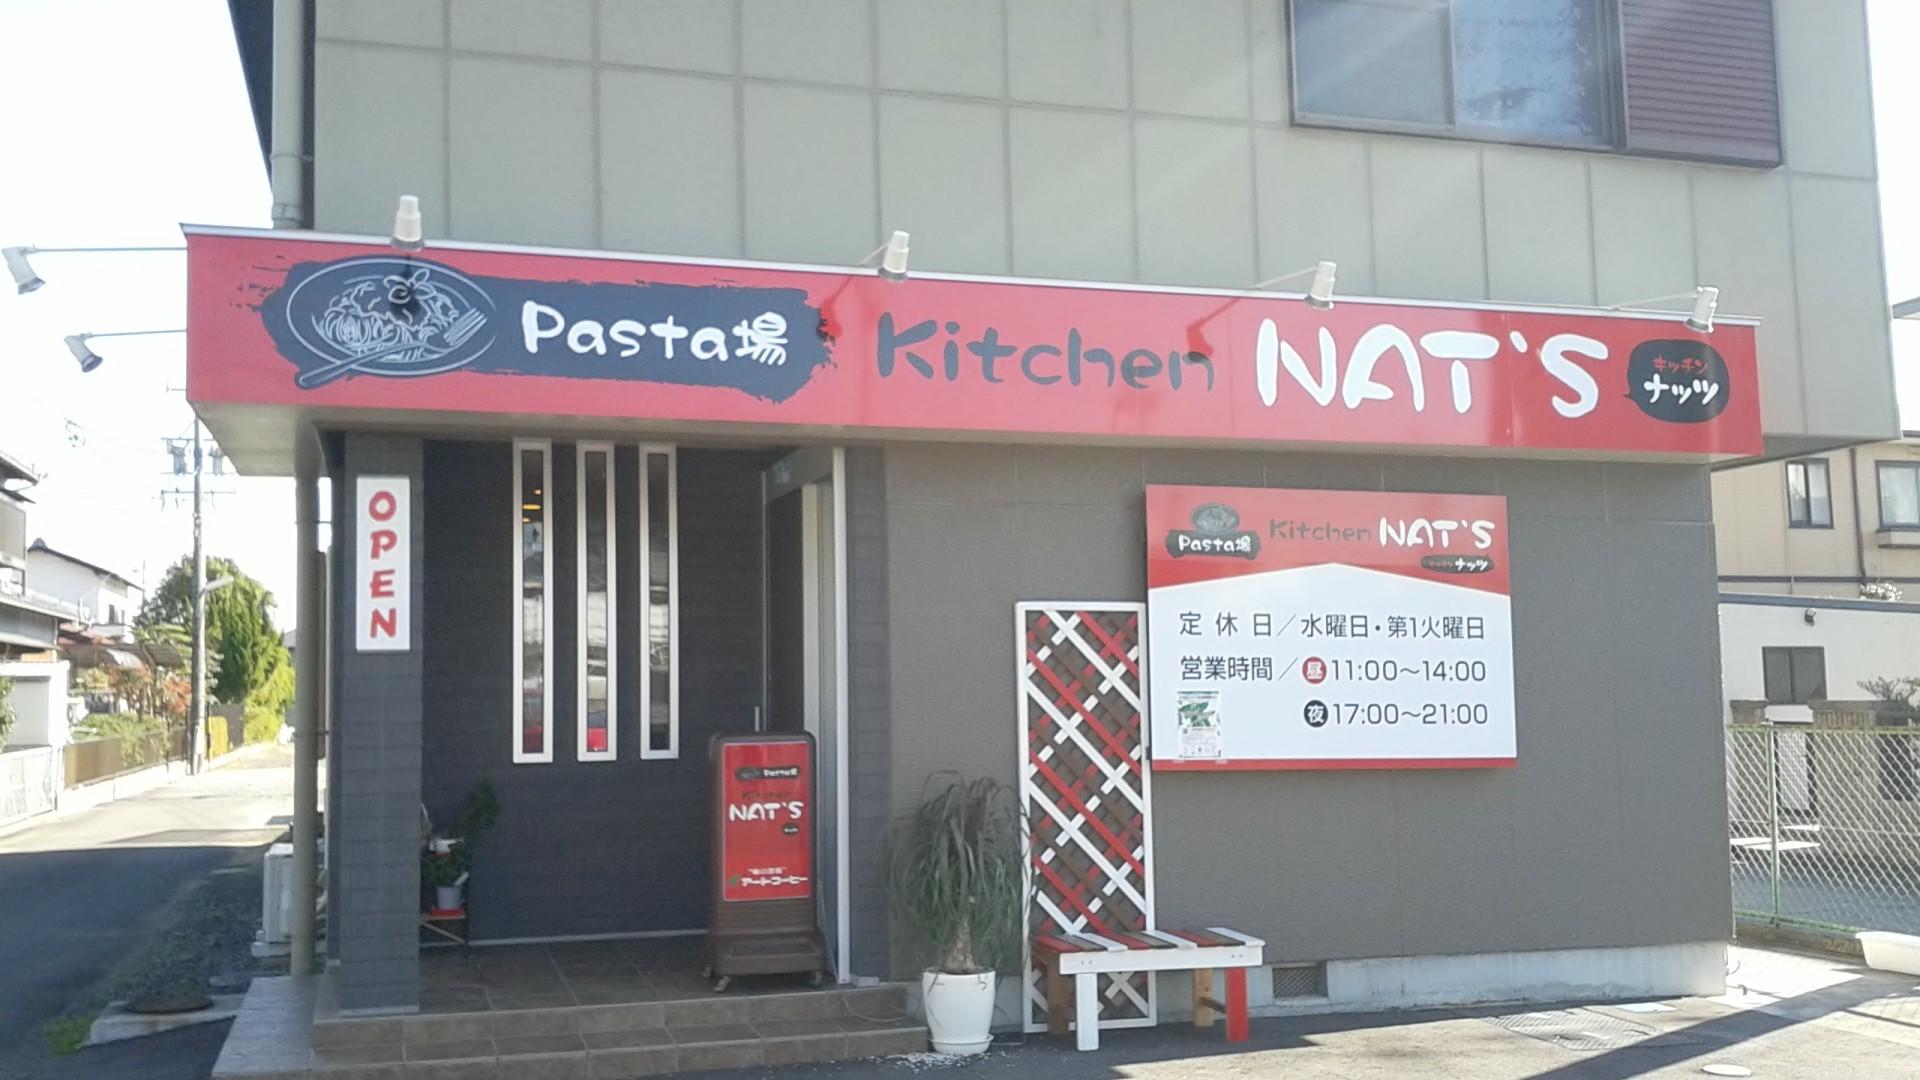 Kitchen NAT ' S